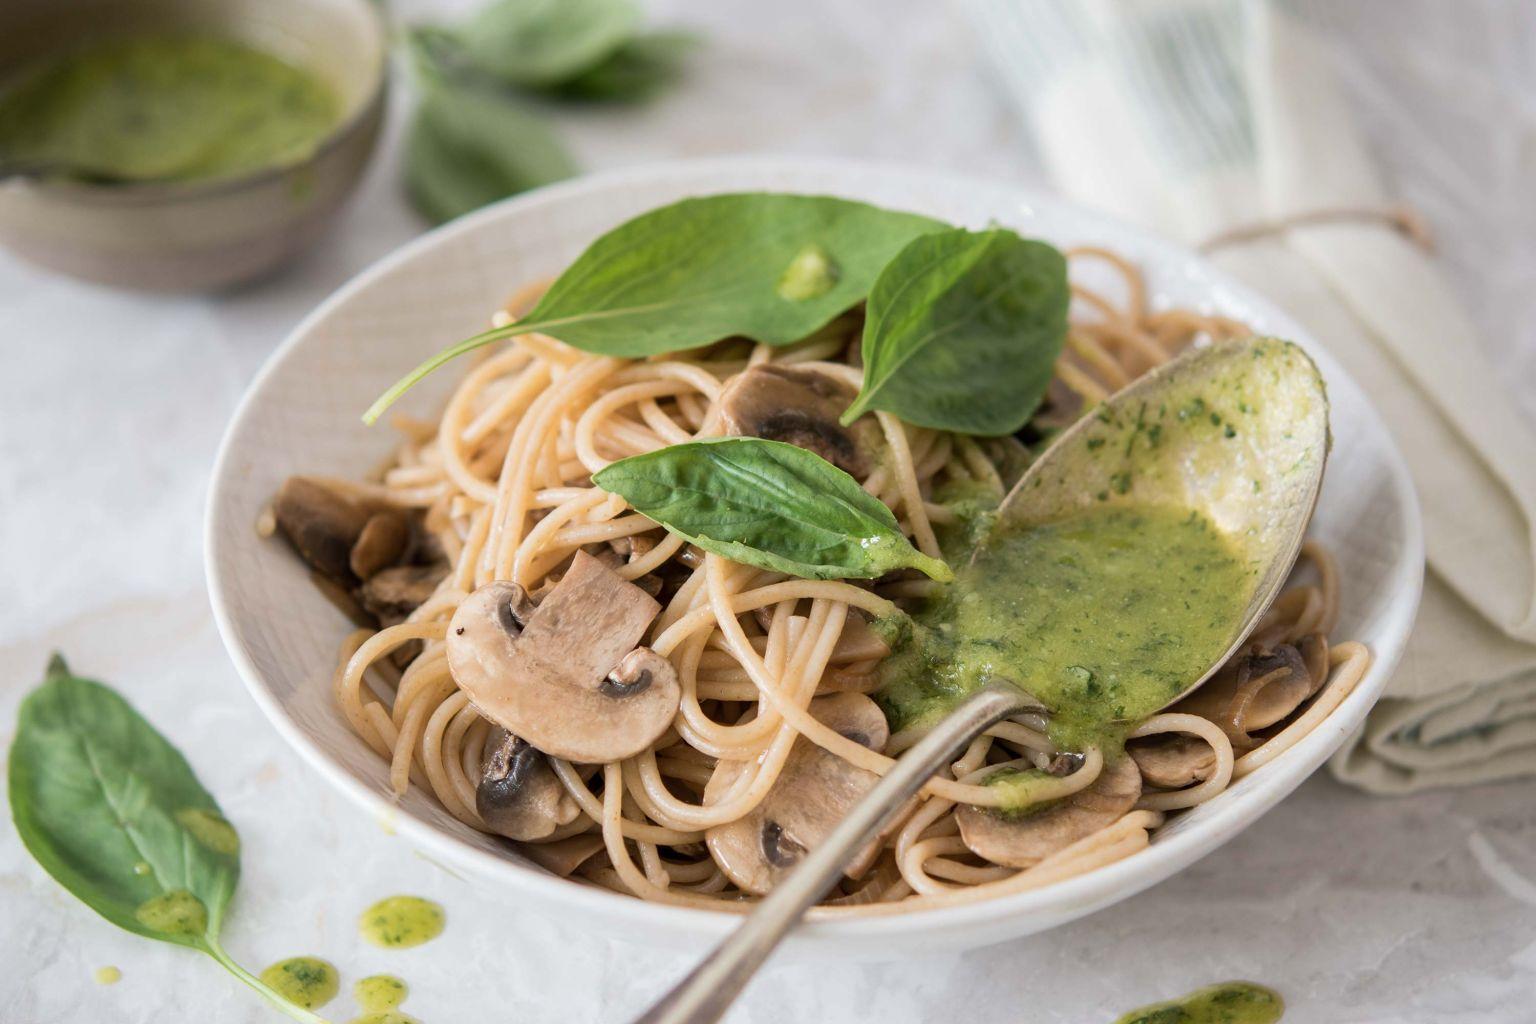 Spaghetti aux champignons et pesto maison